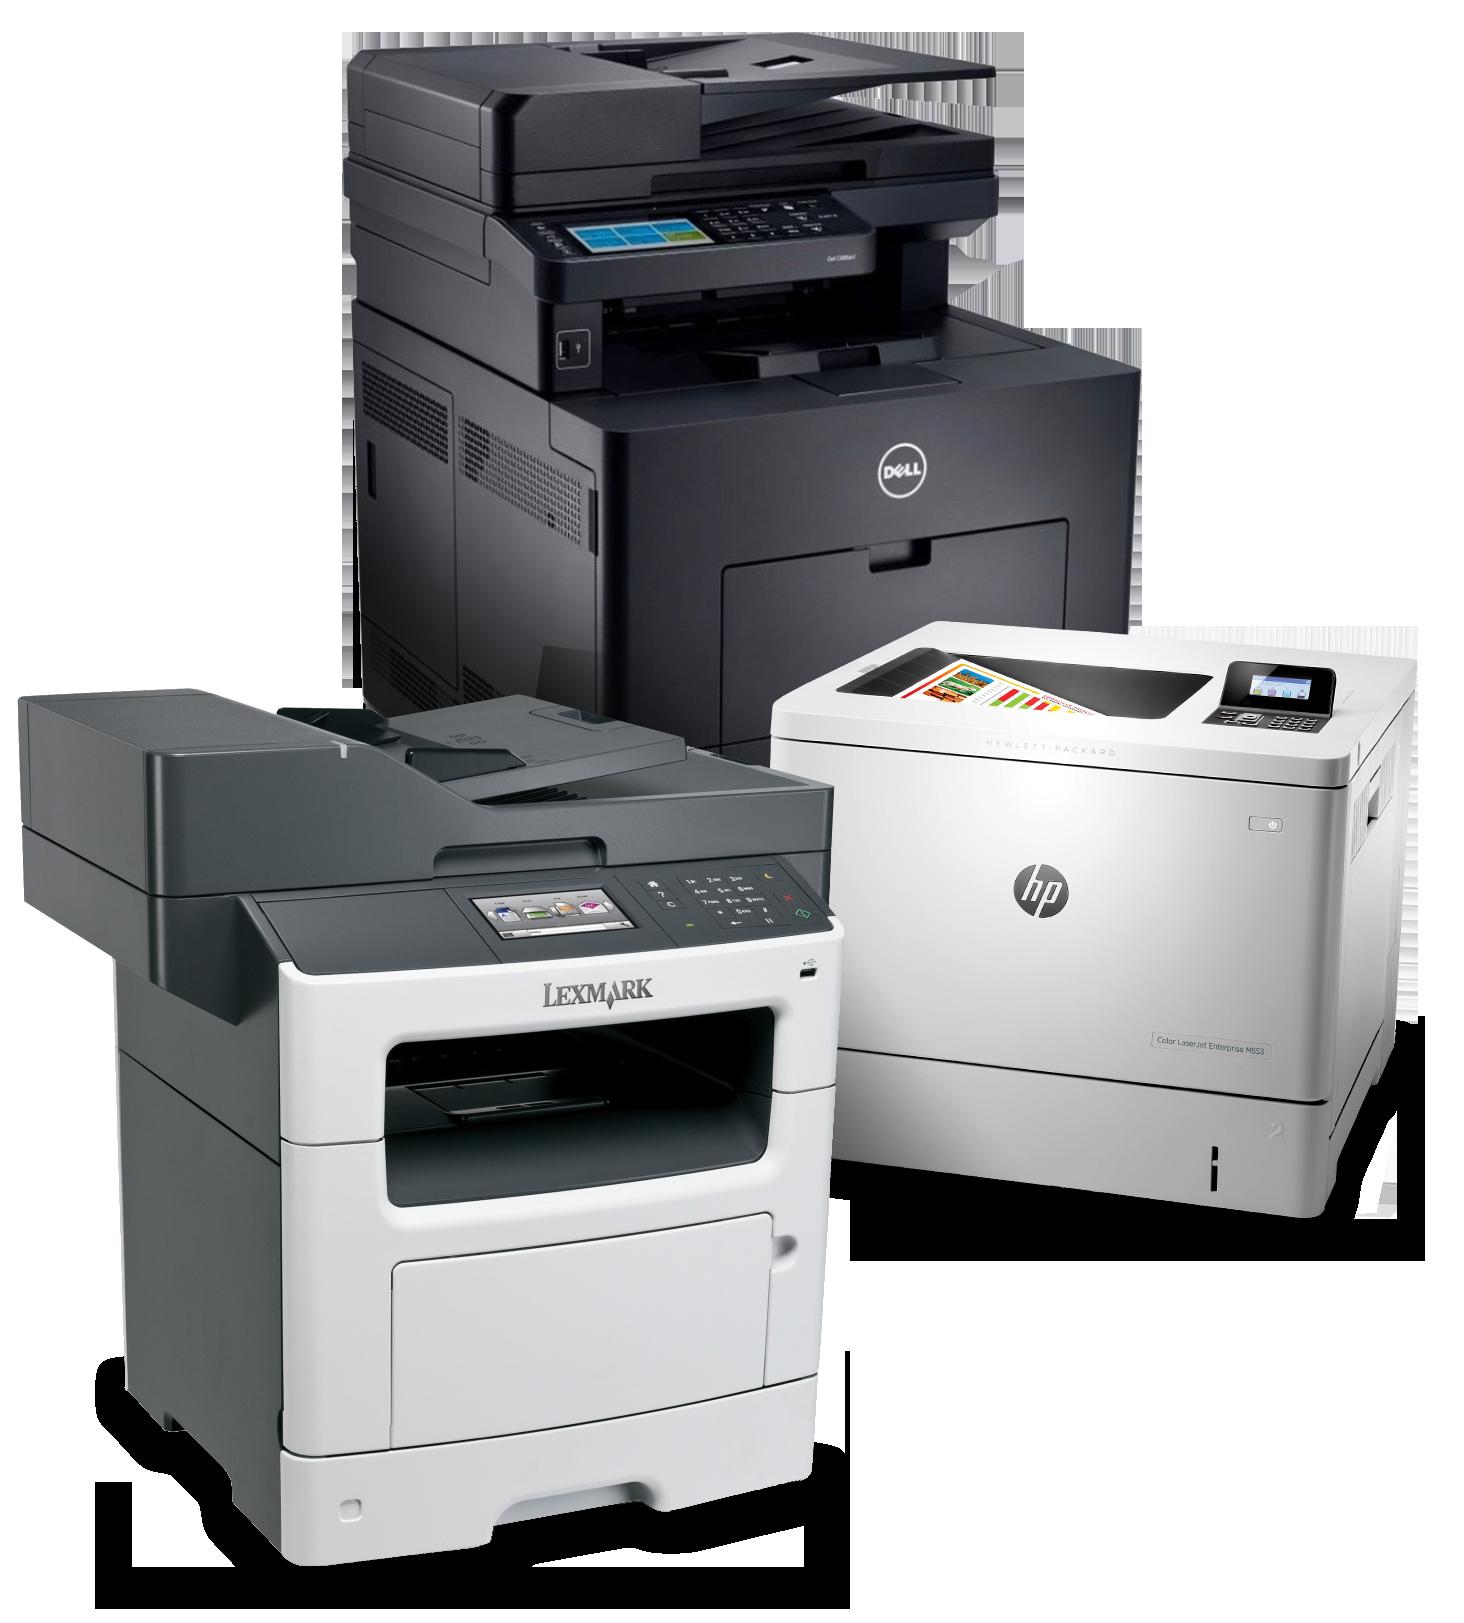 HP Color Laser Printers in Dallas